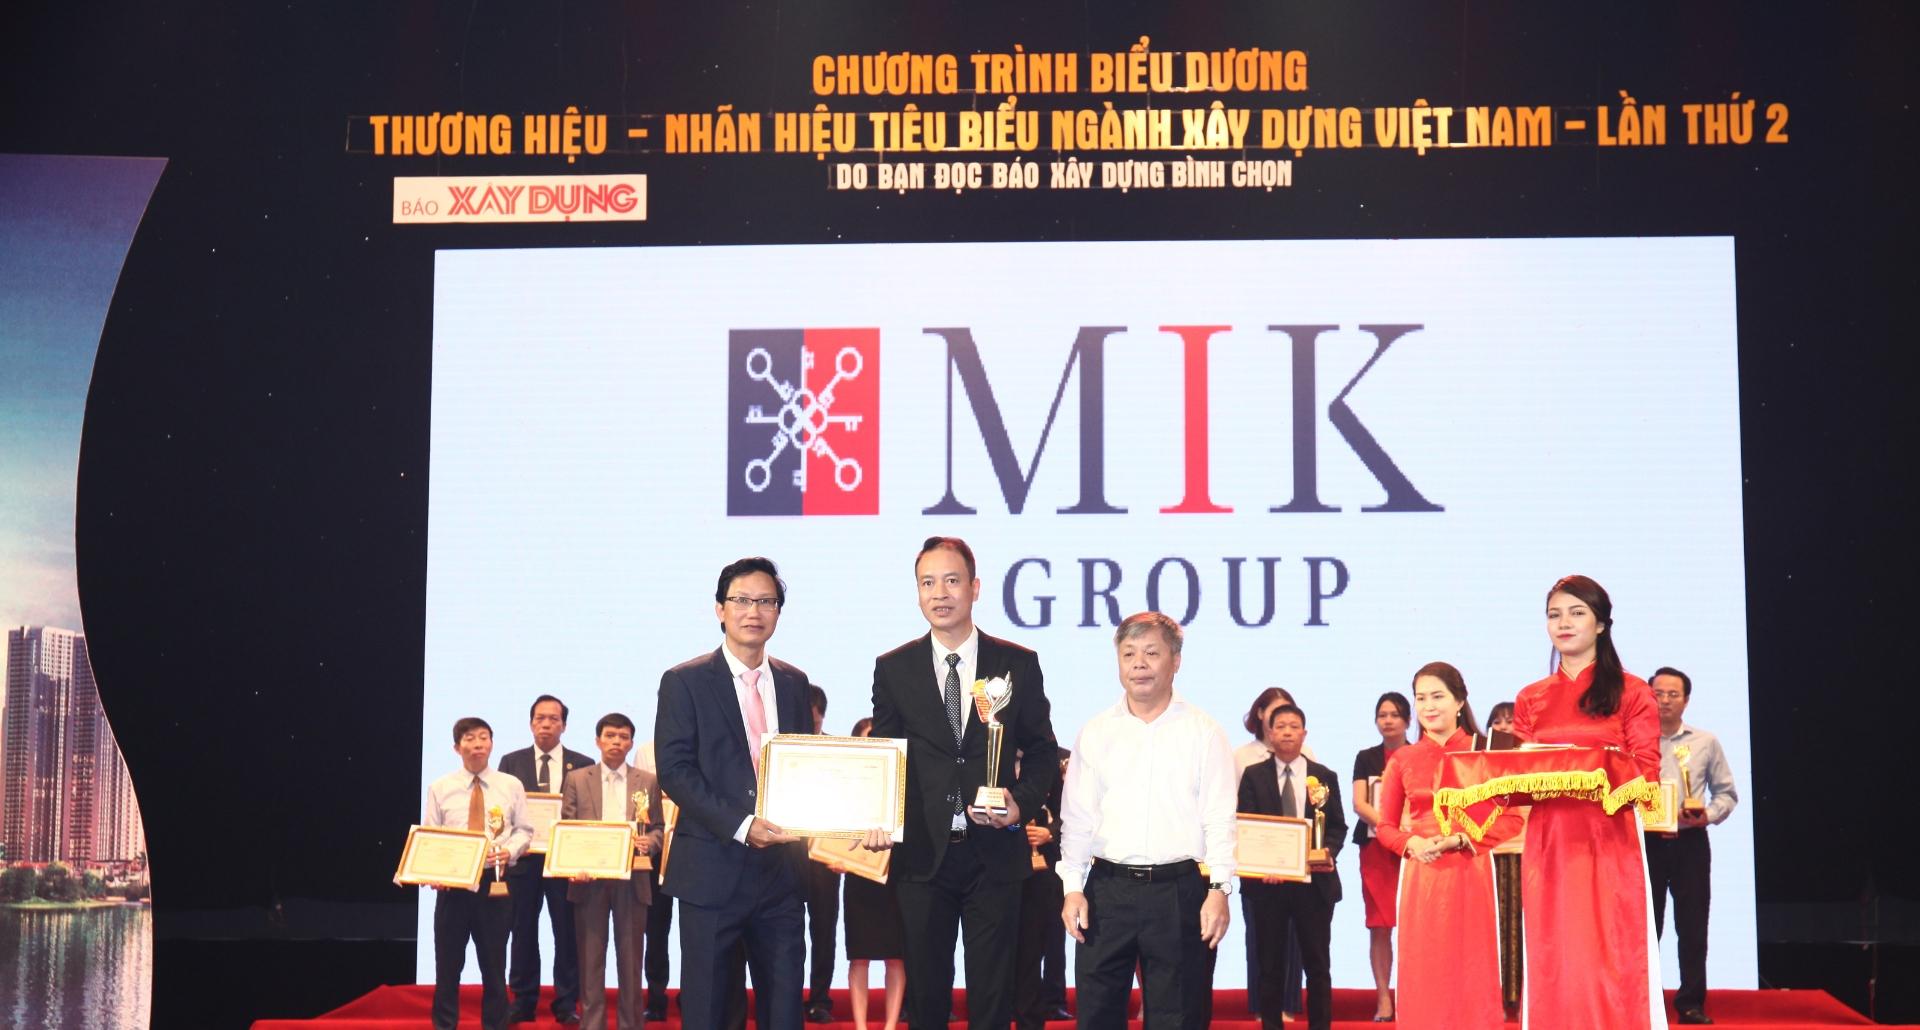 """MIK GROUP nhận danh hiệu Top 10 """"Thương hiệu – Nhãn hiệu tiêu biểu ngành Xây dựng lần II – năm 2017"""""""